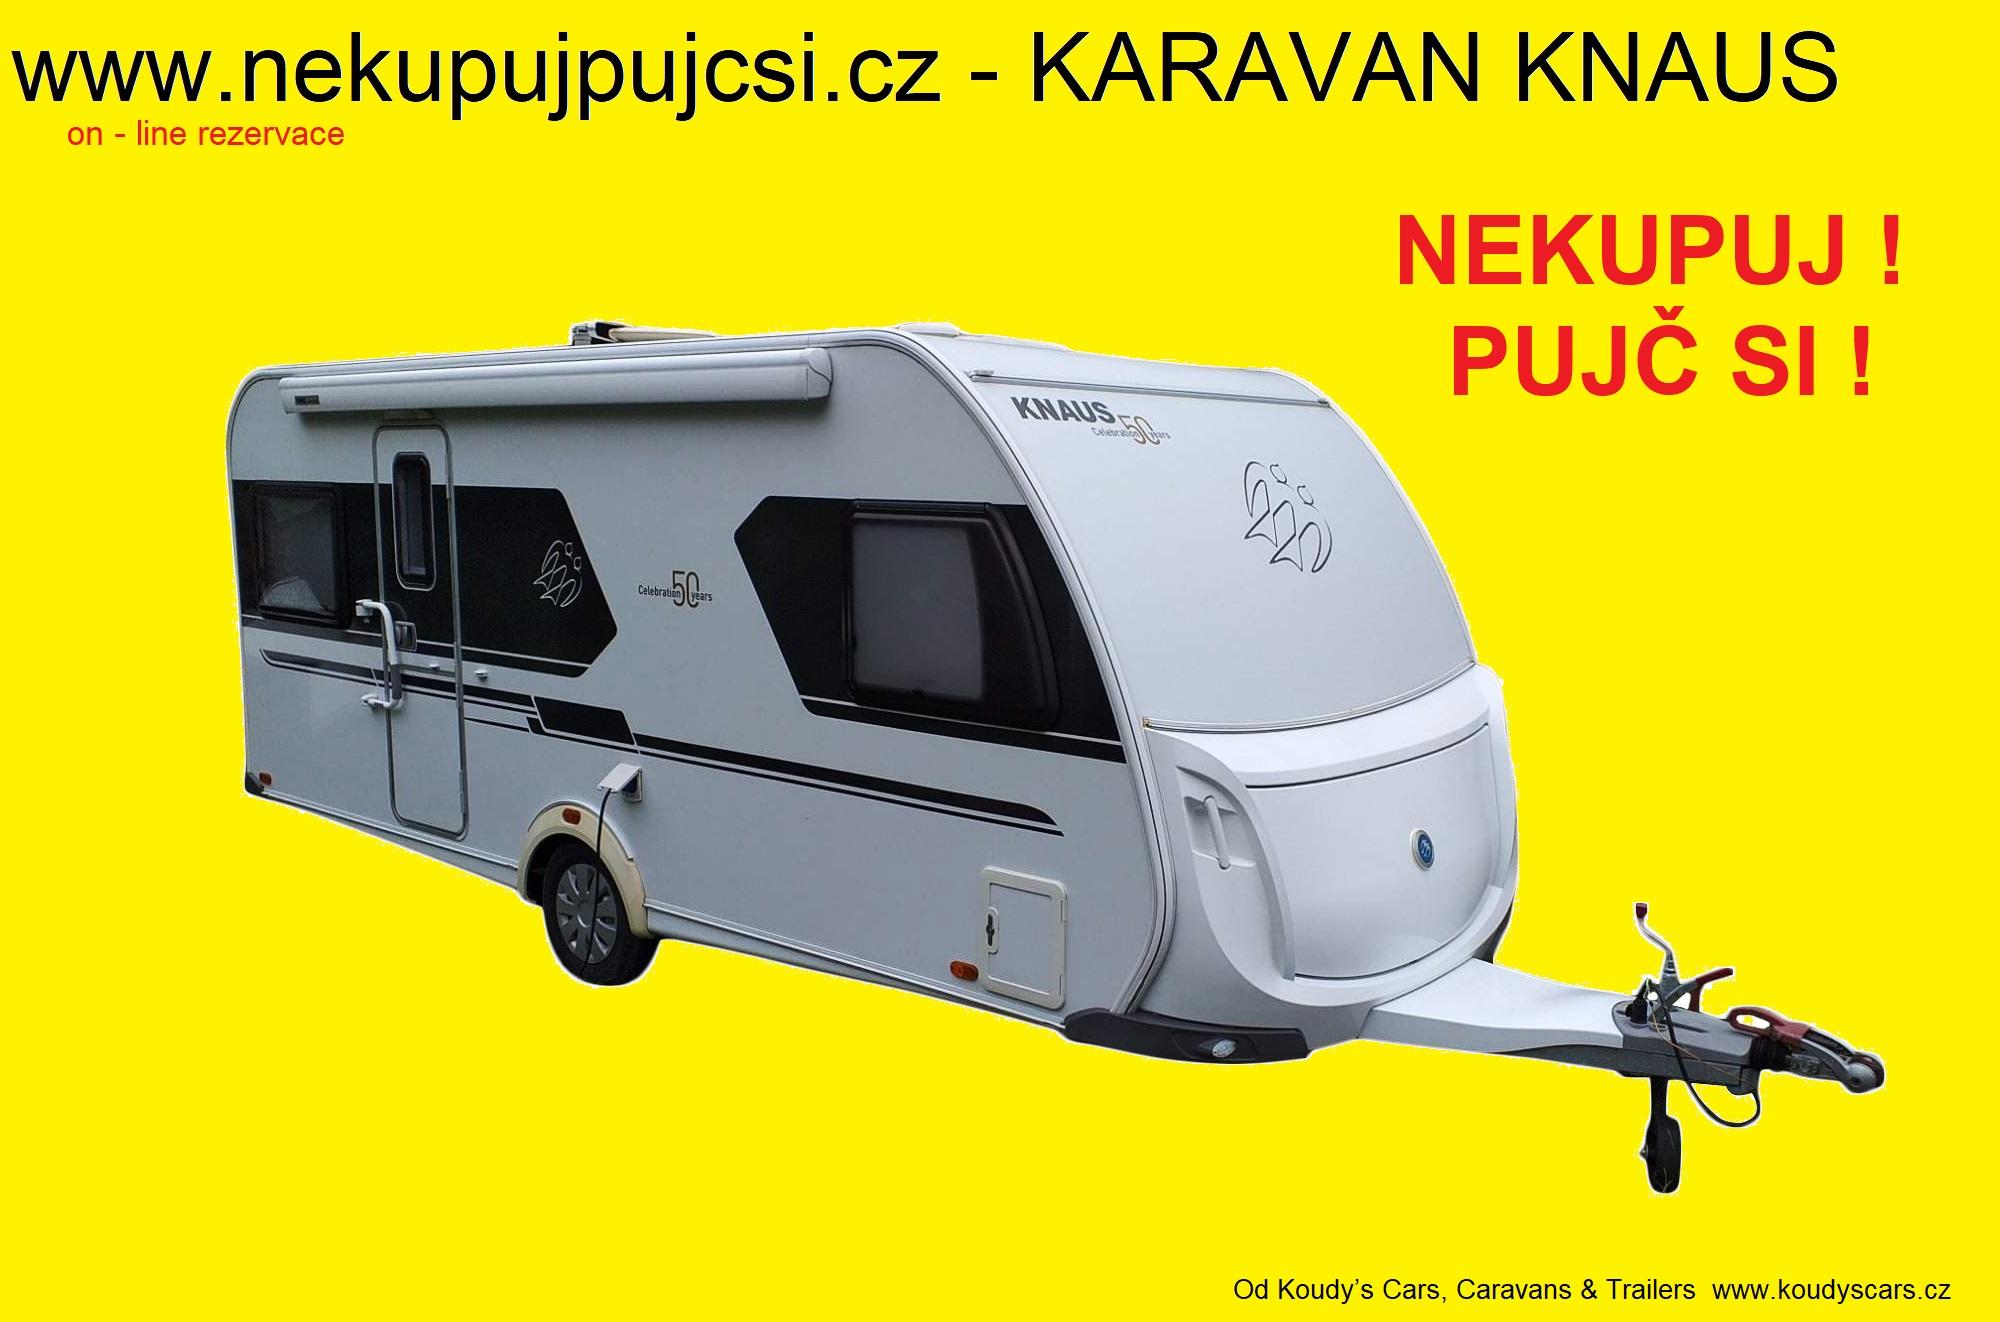 Půjč si karavan Knaus !